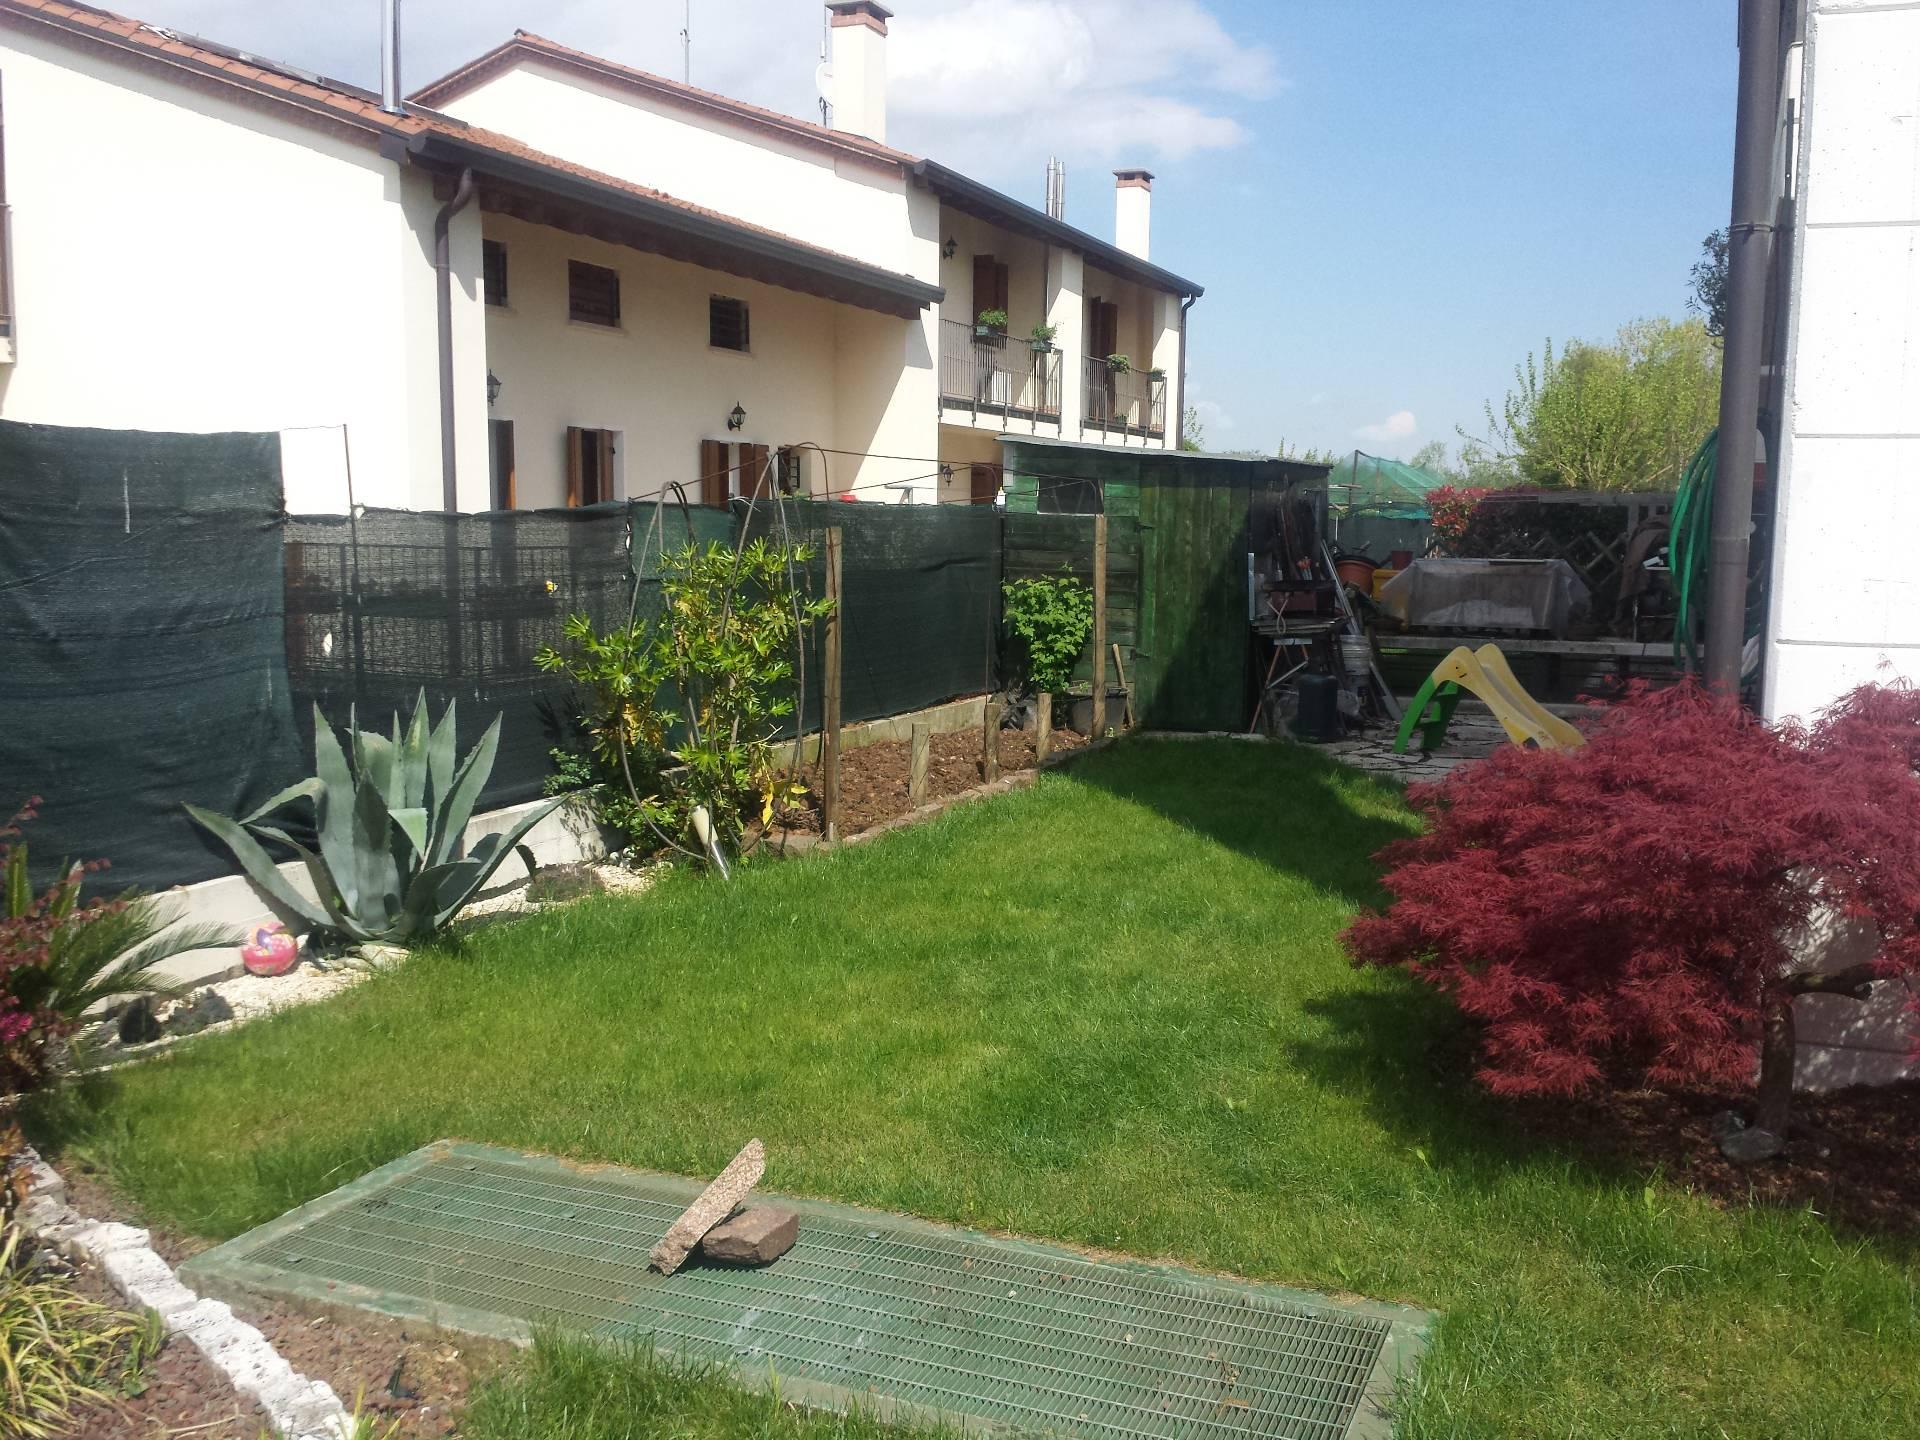 Appartamento in vendita a Trevignano, 3 locali, zona Zona: Signoressa, prezzo € 130.000 | Cambio Casa.it